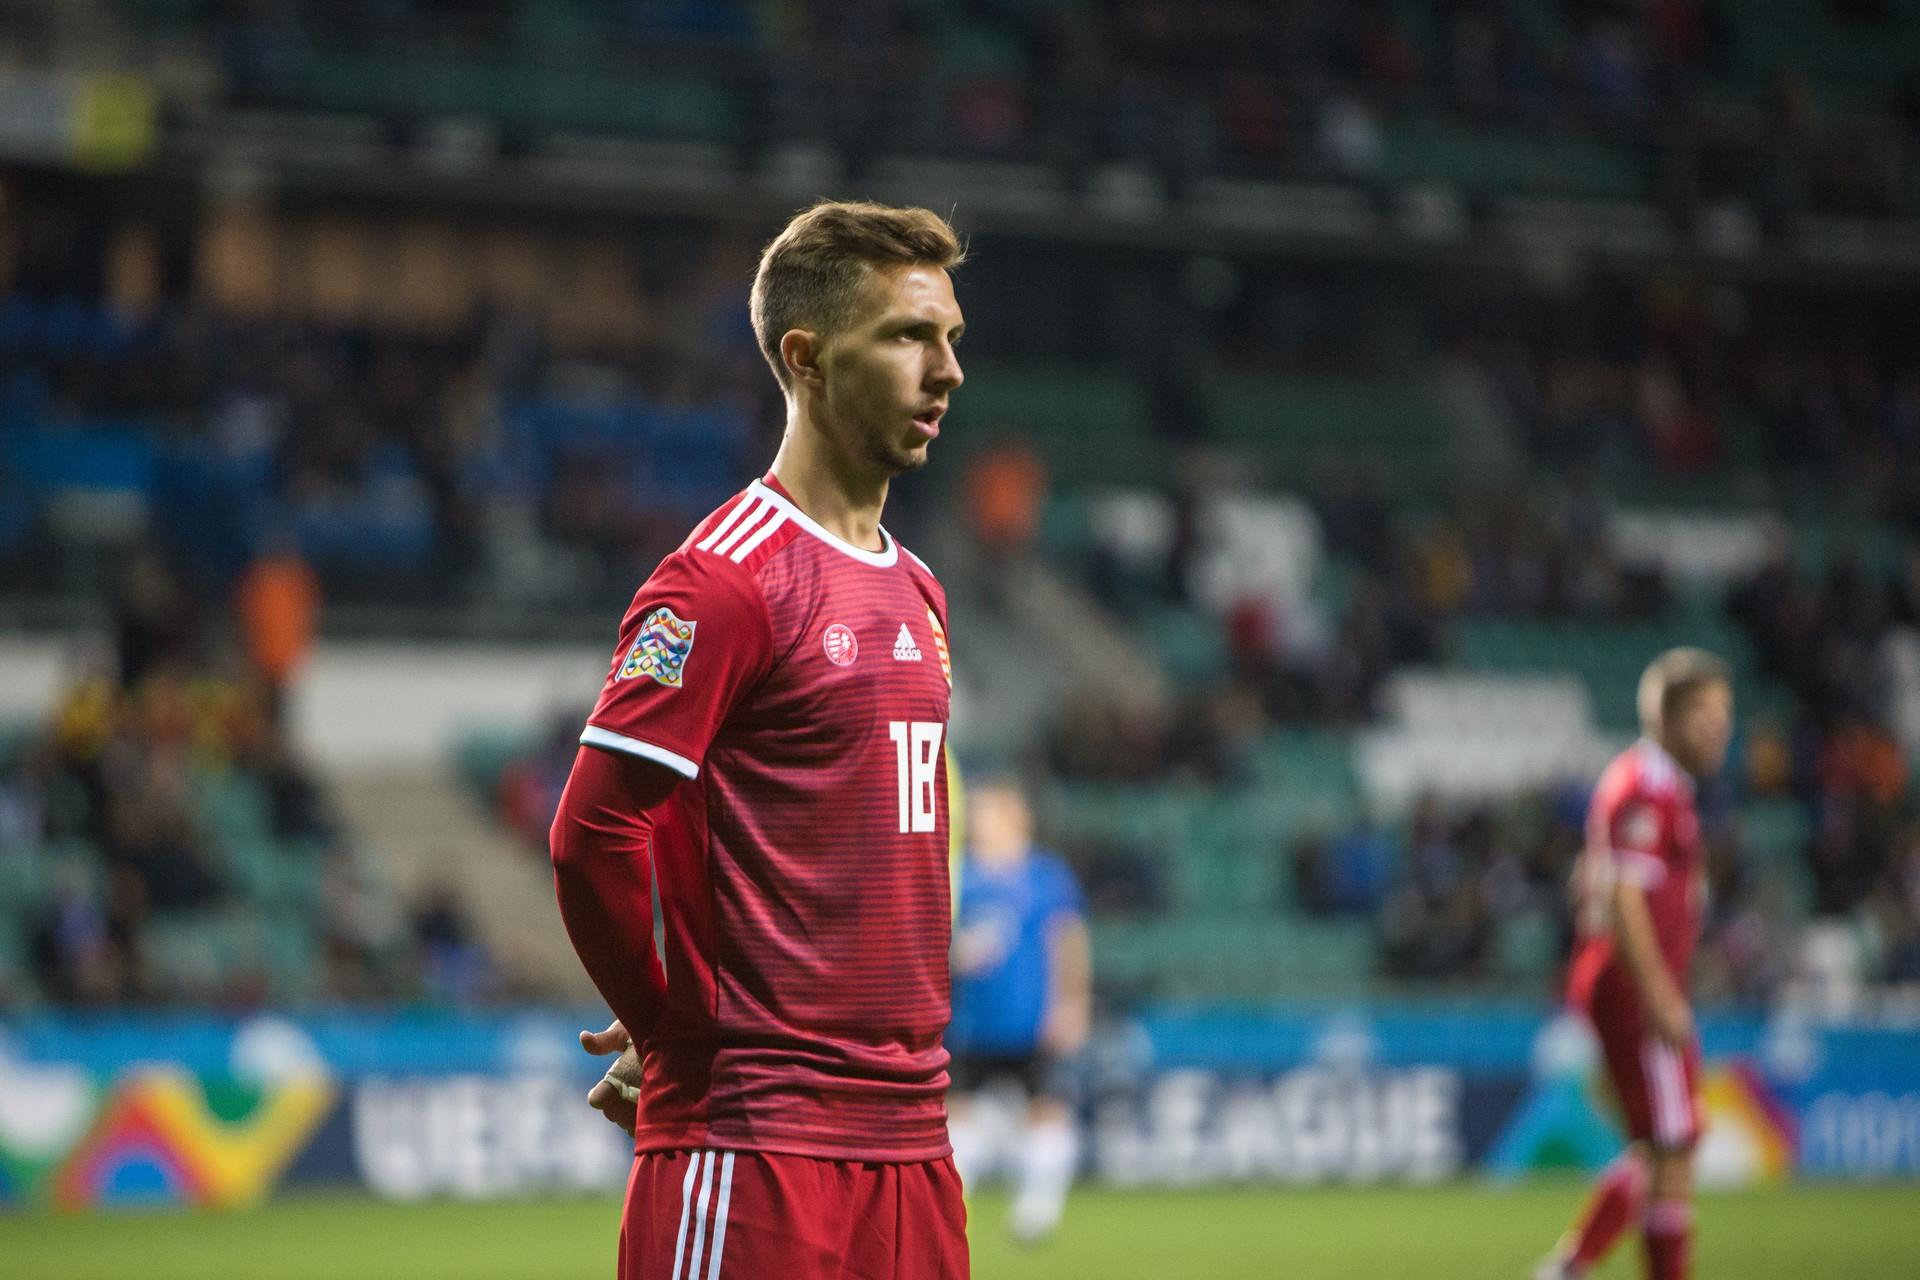 f2caff83f77 Ungari teatas koosseisu mänguks Eestiga. News. Eesti koondis kohtub  järgmises UEFA Rahvuste liiga kohtumises võõrsil Ungariga. Vastaste  koosseisu kuulub 26 ...